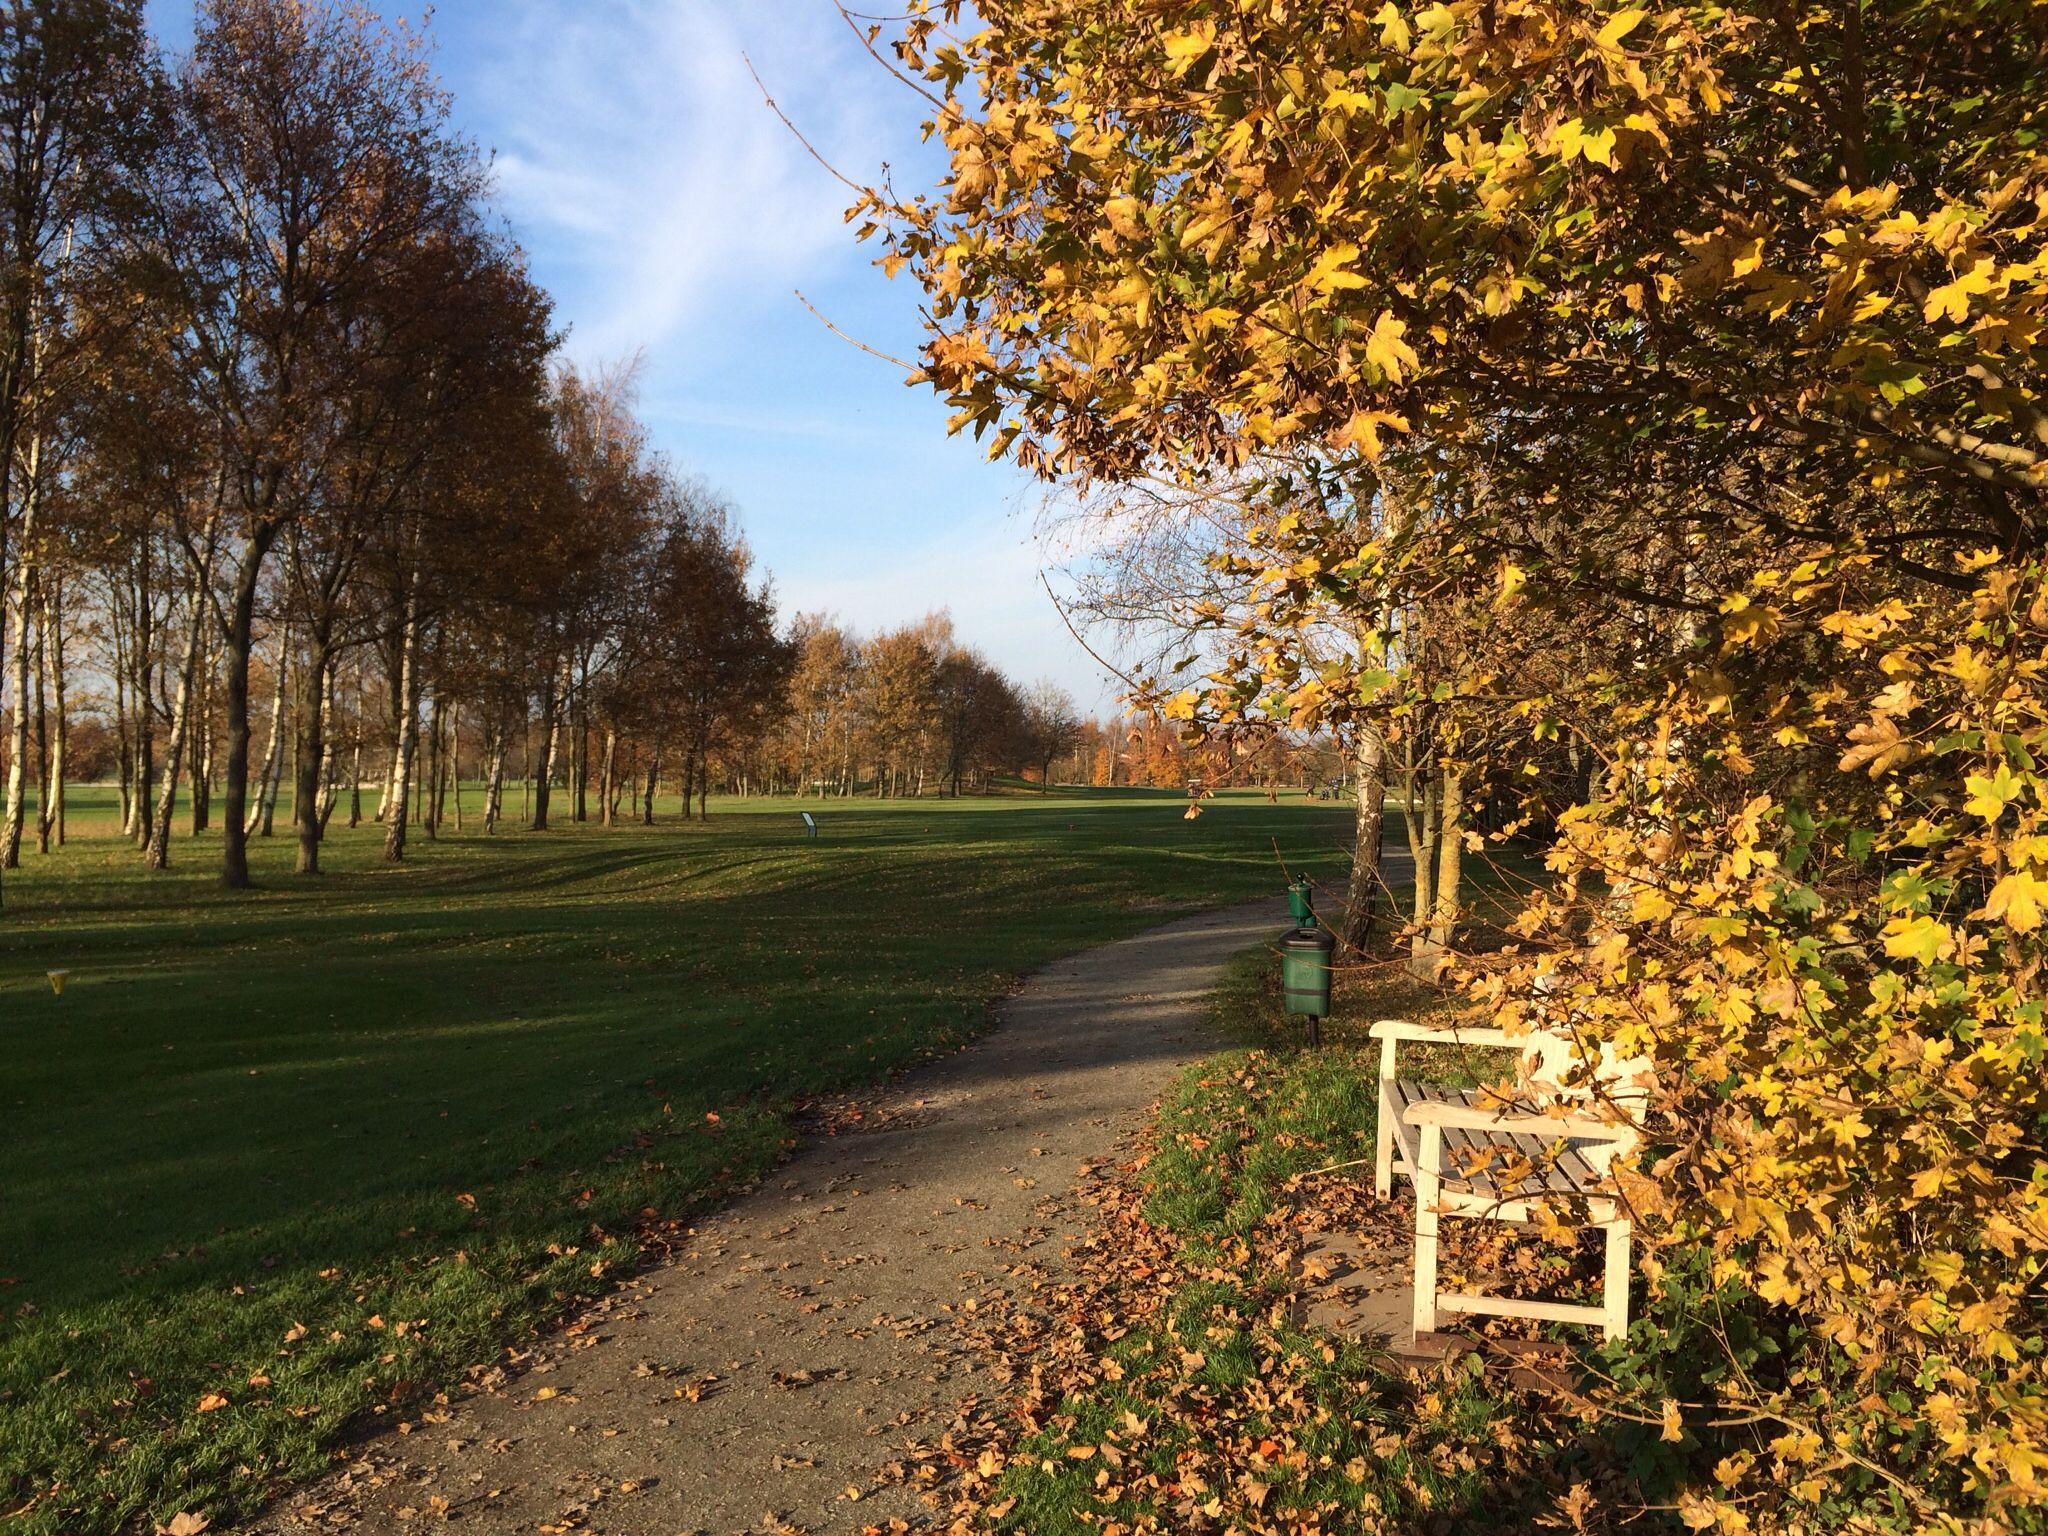 Beukenbomen geven schitterende kleuren op de 18 holes golfbaan in Lelystad. #fransloos #lelystad